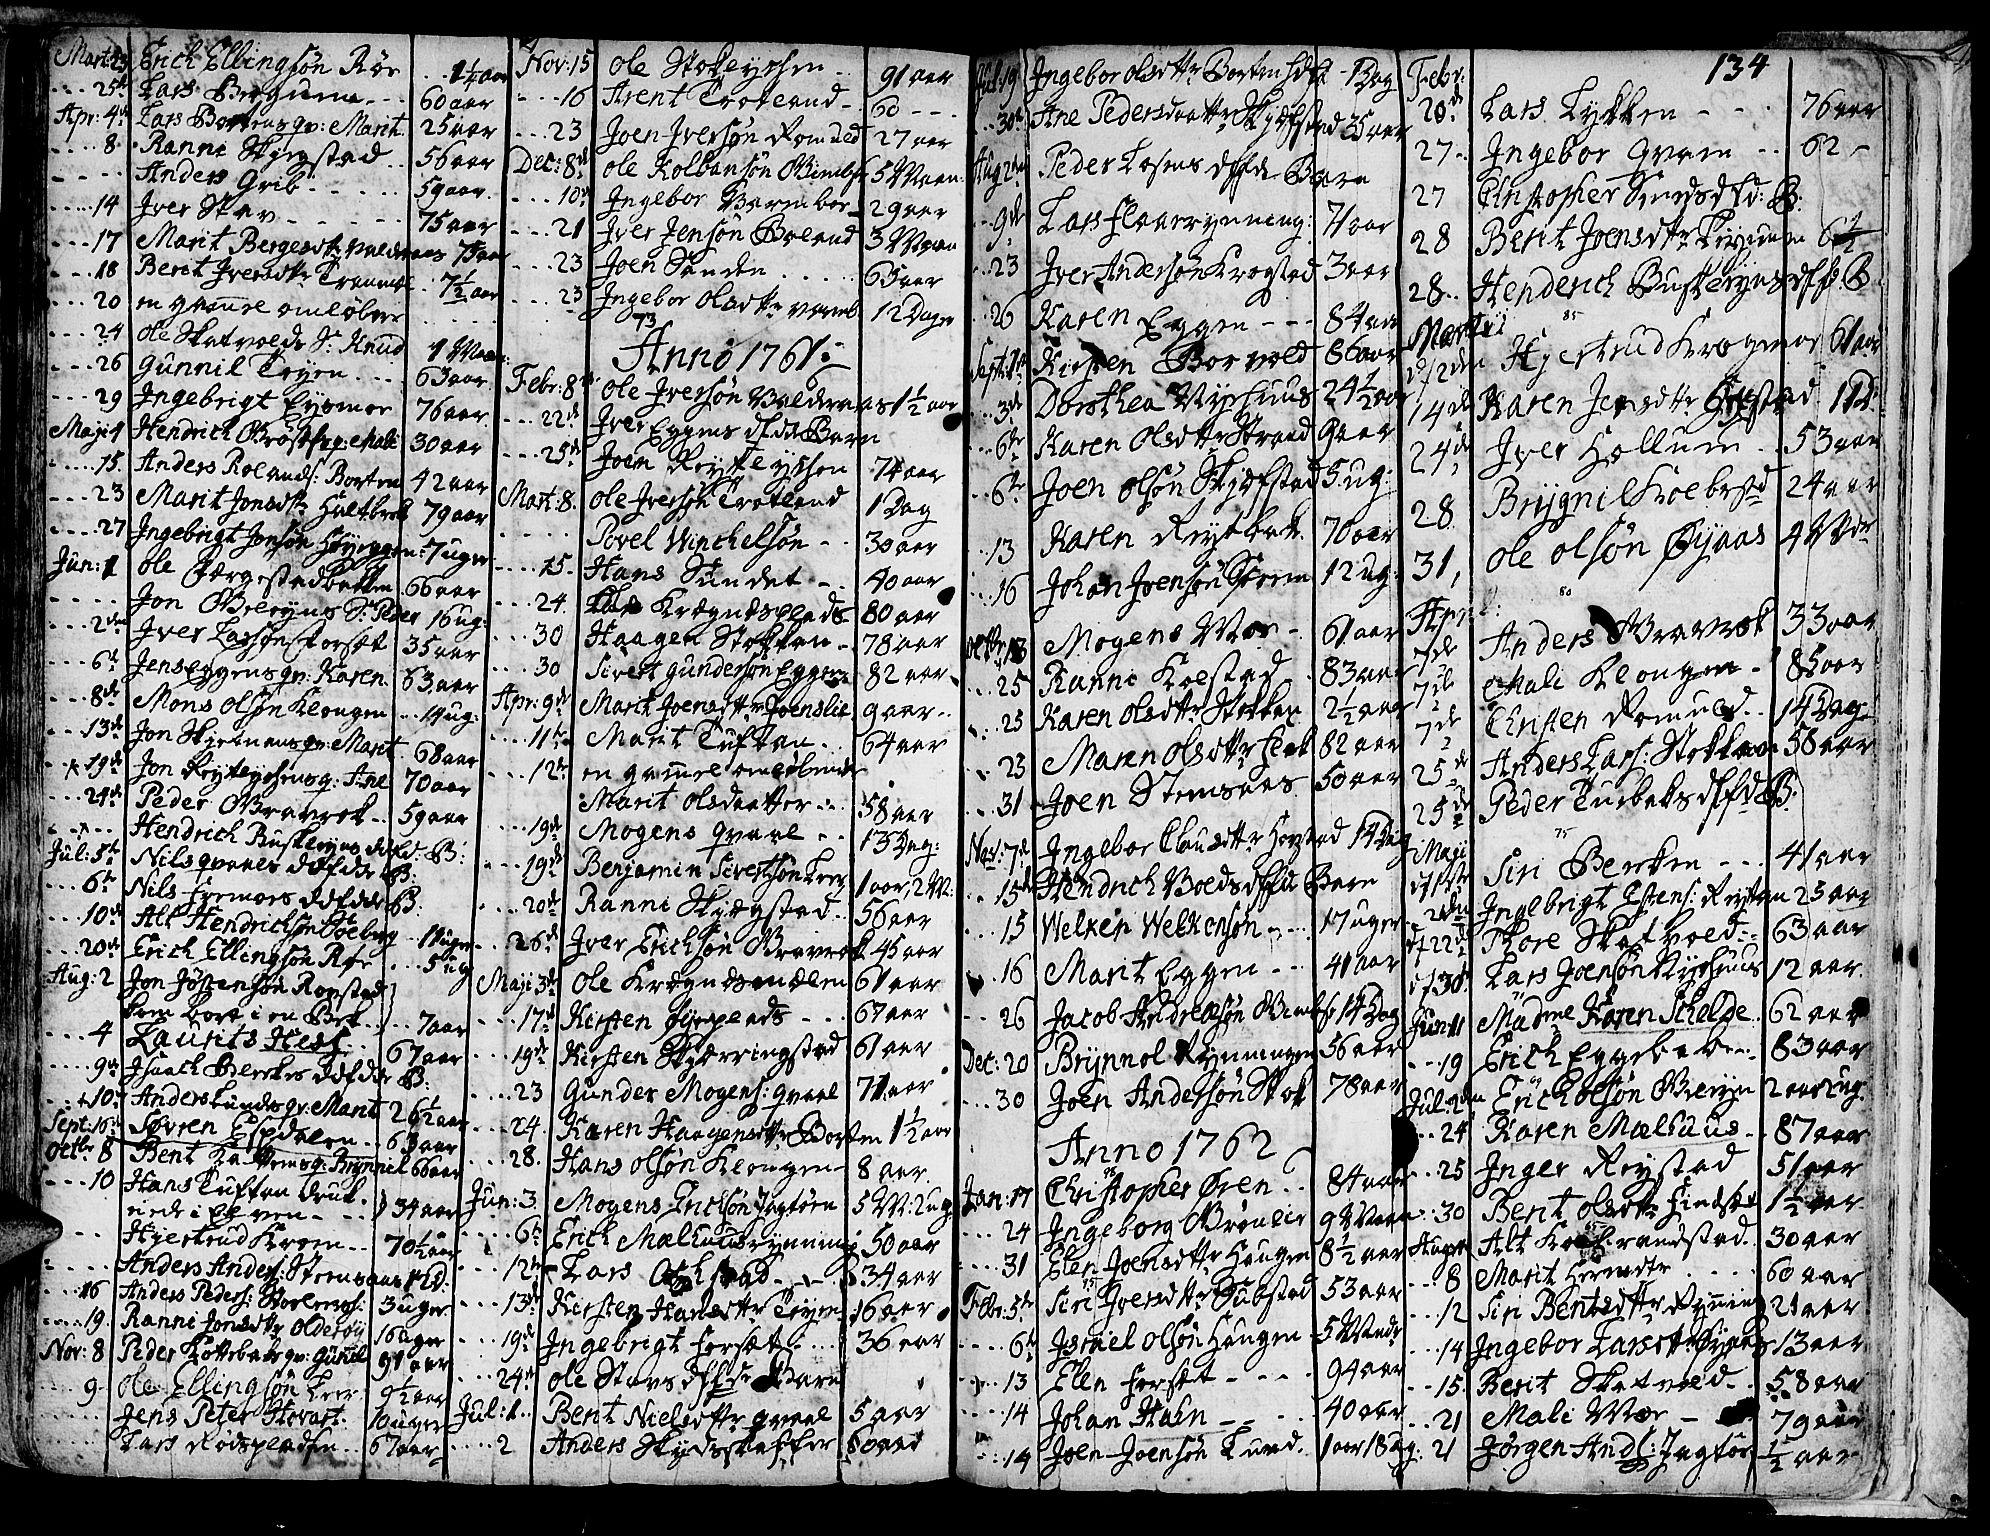 SAT, Ministerialprotokoller, klokkerbøker og fødselsregistre - Sør-Trøndelag, 691/L1057: Ministerialbok nr. 691A01 /1, 1740-1767, s. 134